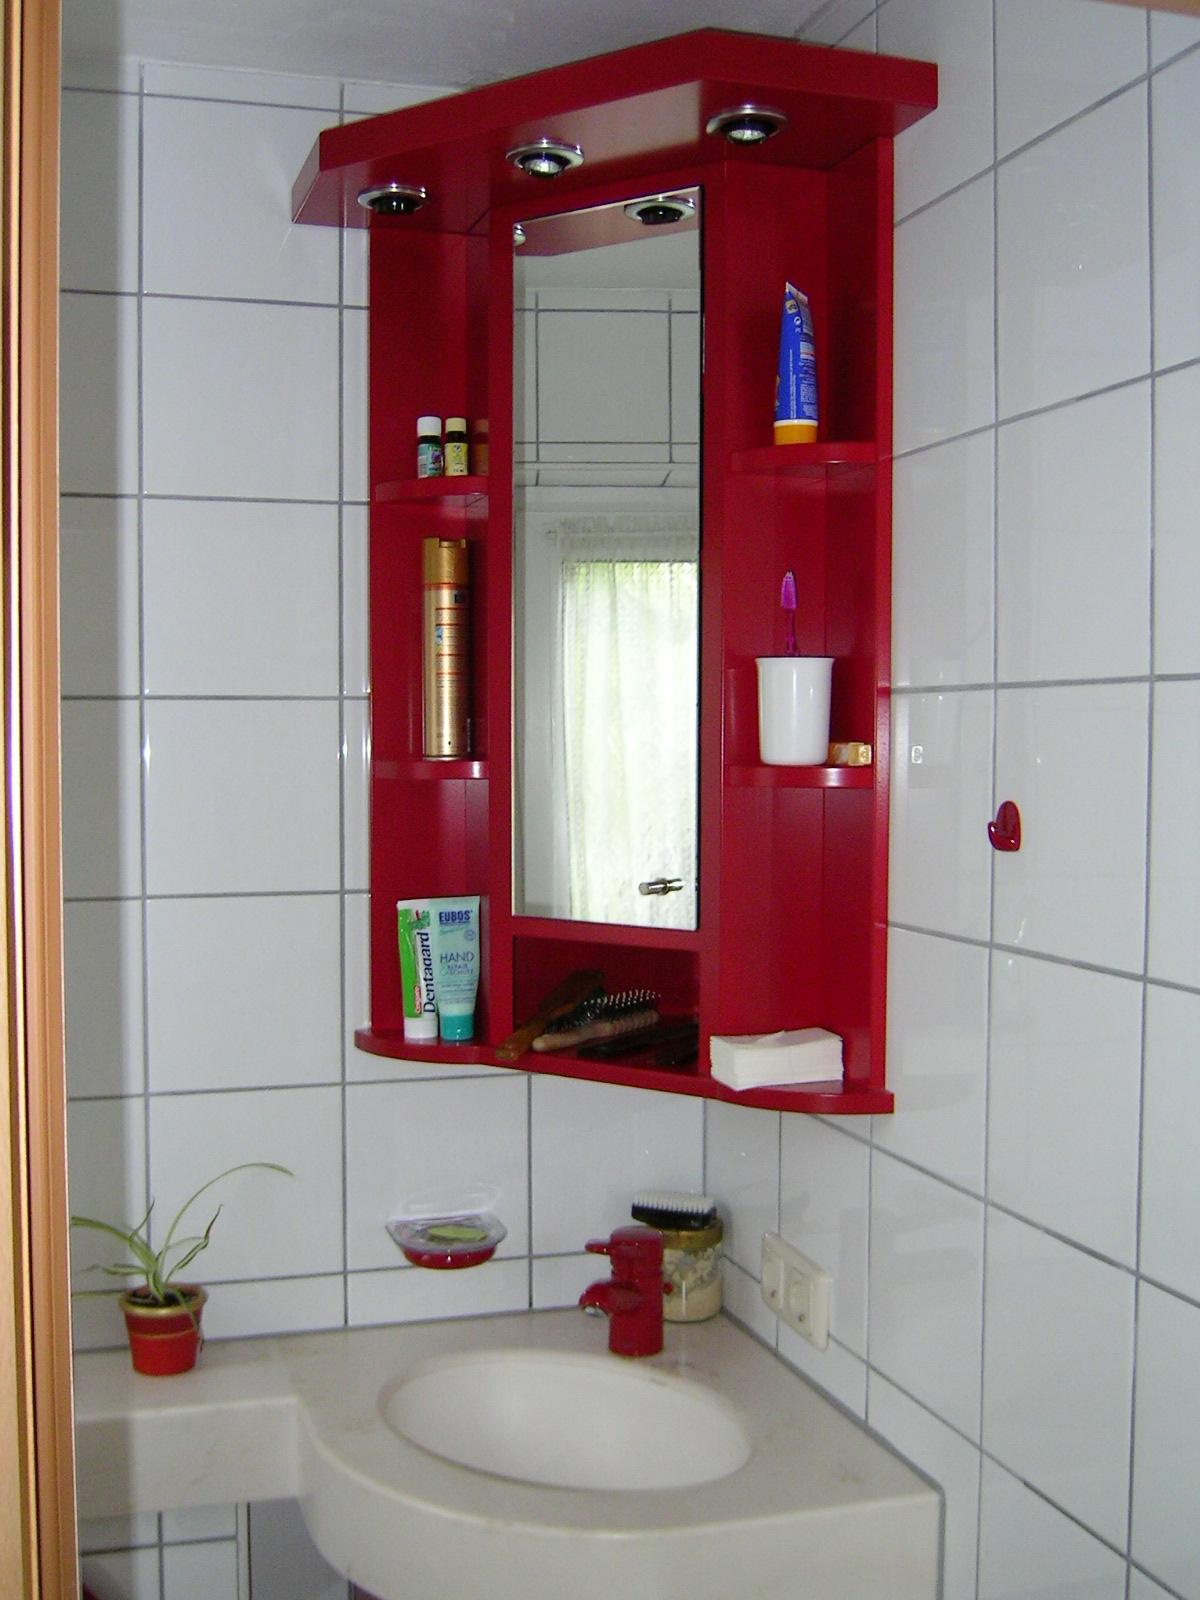 WC-Sanierung mit farbig lackierten Möbeln und Baldachin mit Beleuchtung